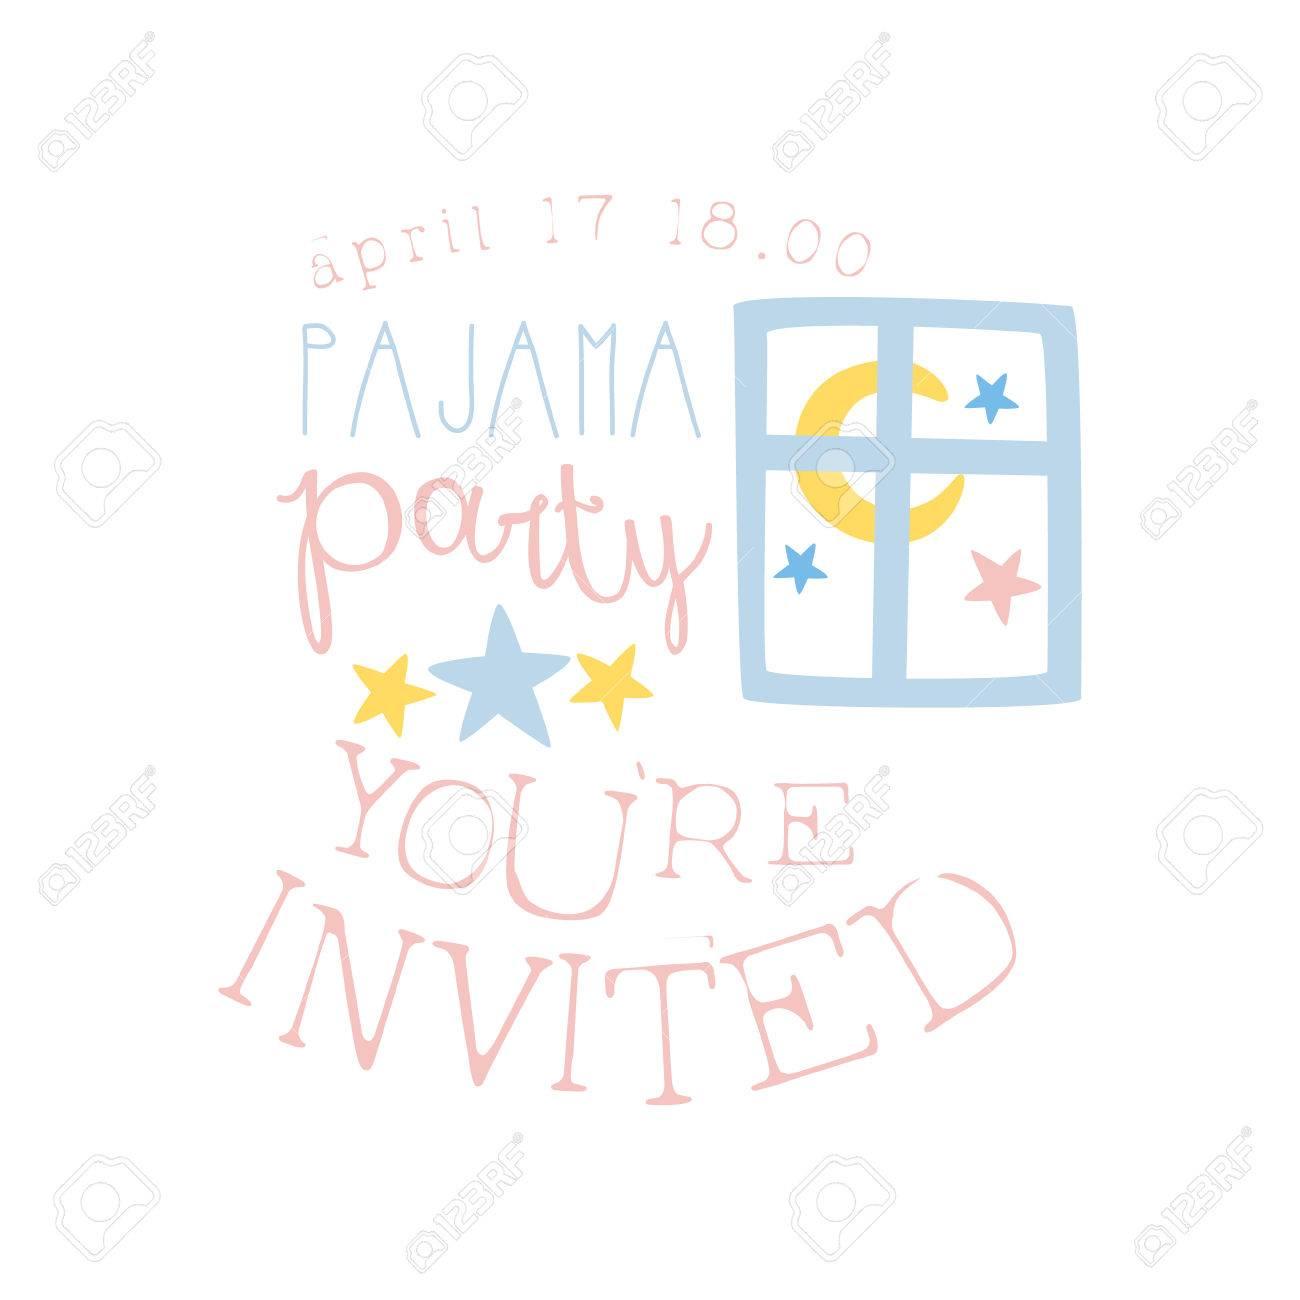 7c728160d3 Plantilla De La Tarjeta De La Invitación Femenina De La Fiesta De Pijama  Con La Ventana Noche Invitar A Los Niños Para Los Pijamas De Los Pijamas  Pijama ...